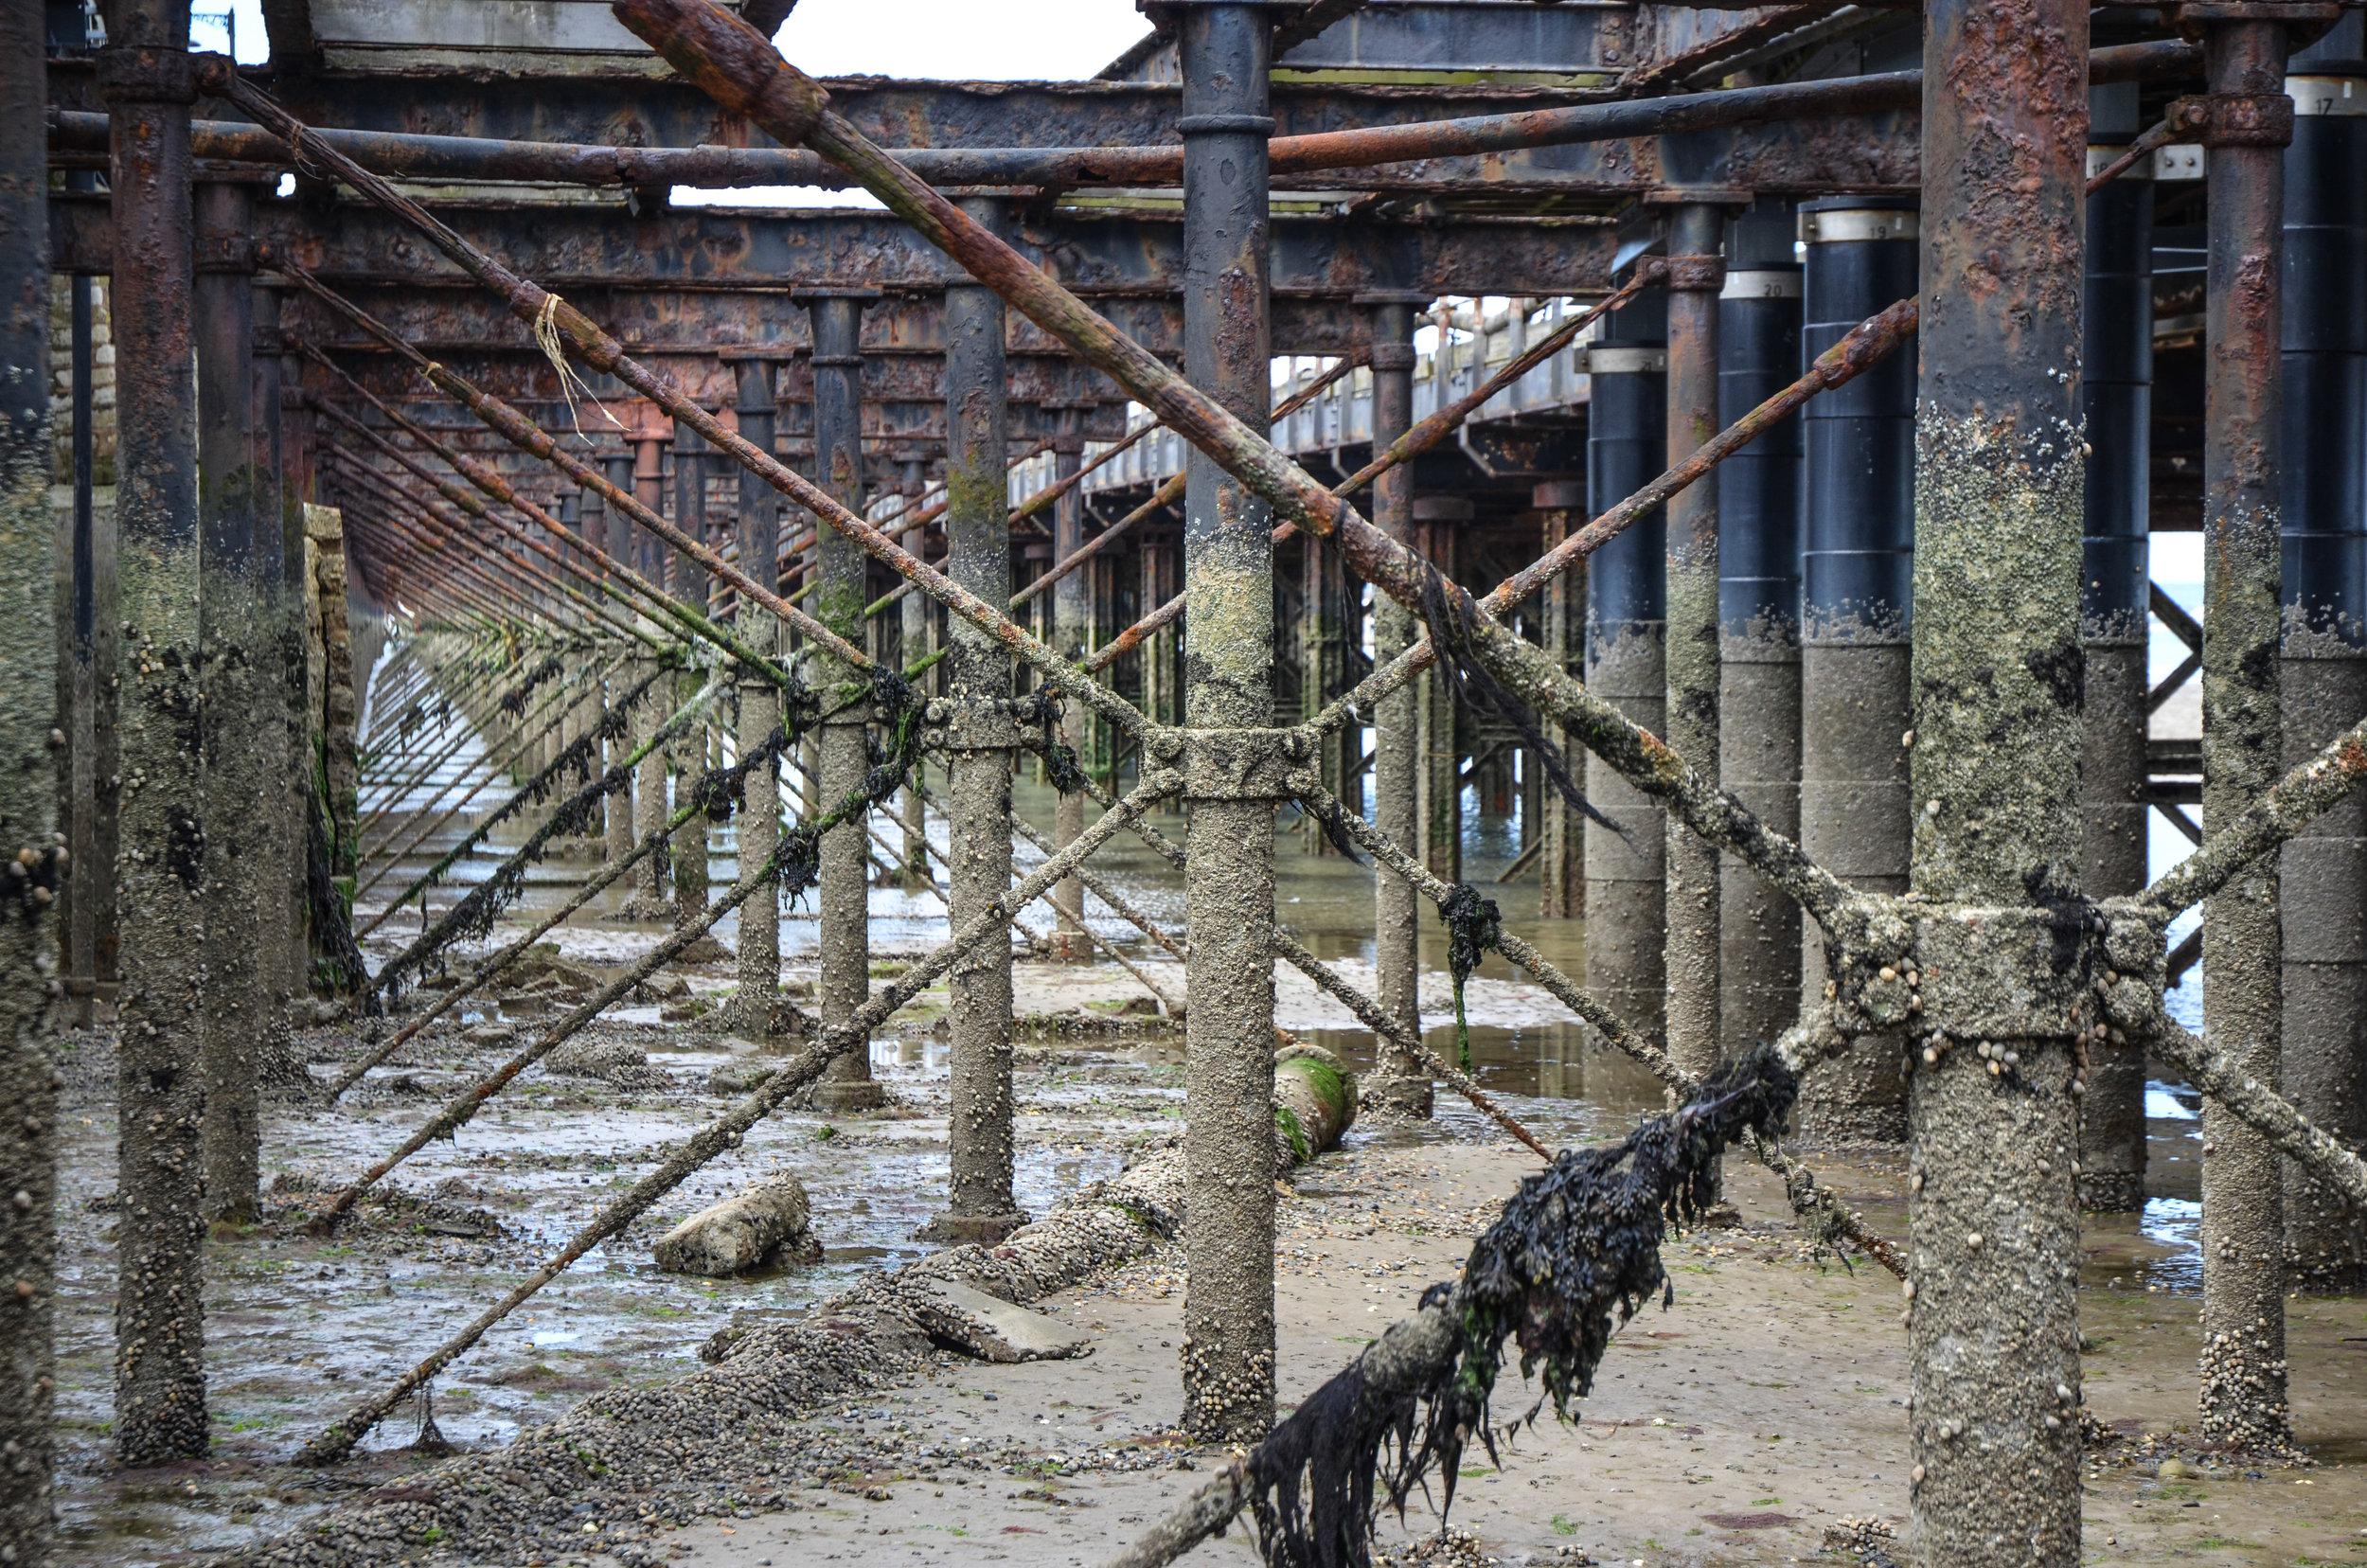 pier-skeleton_14519163011_o.jpg